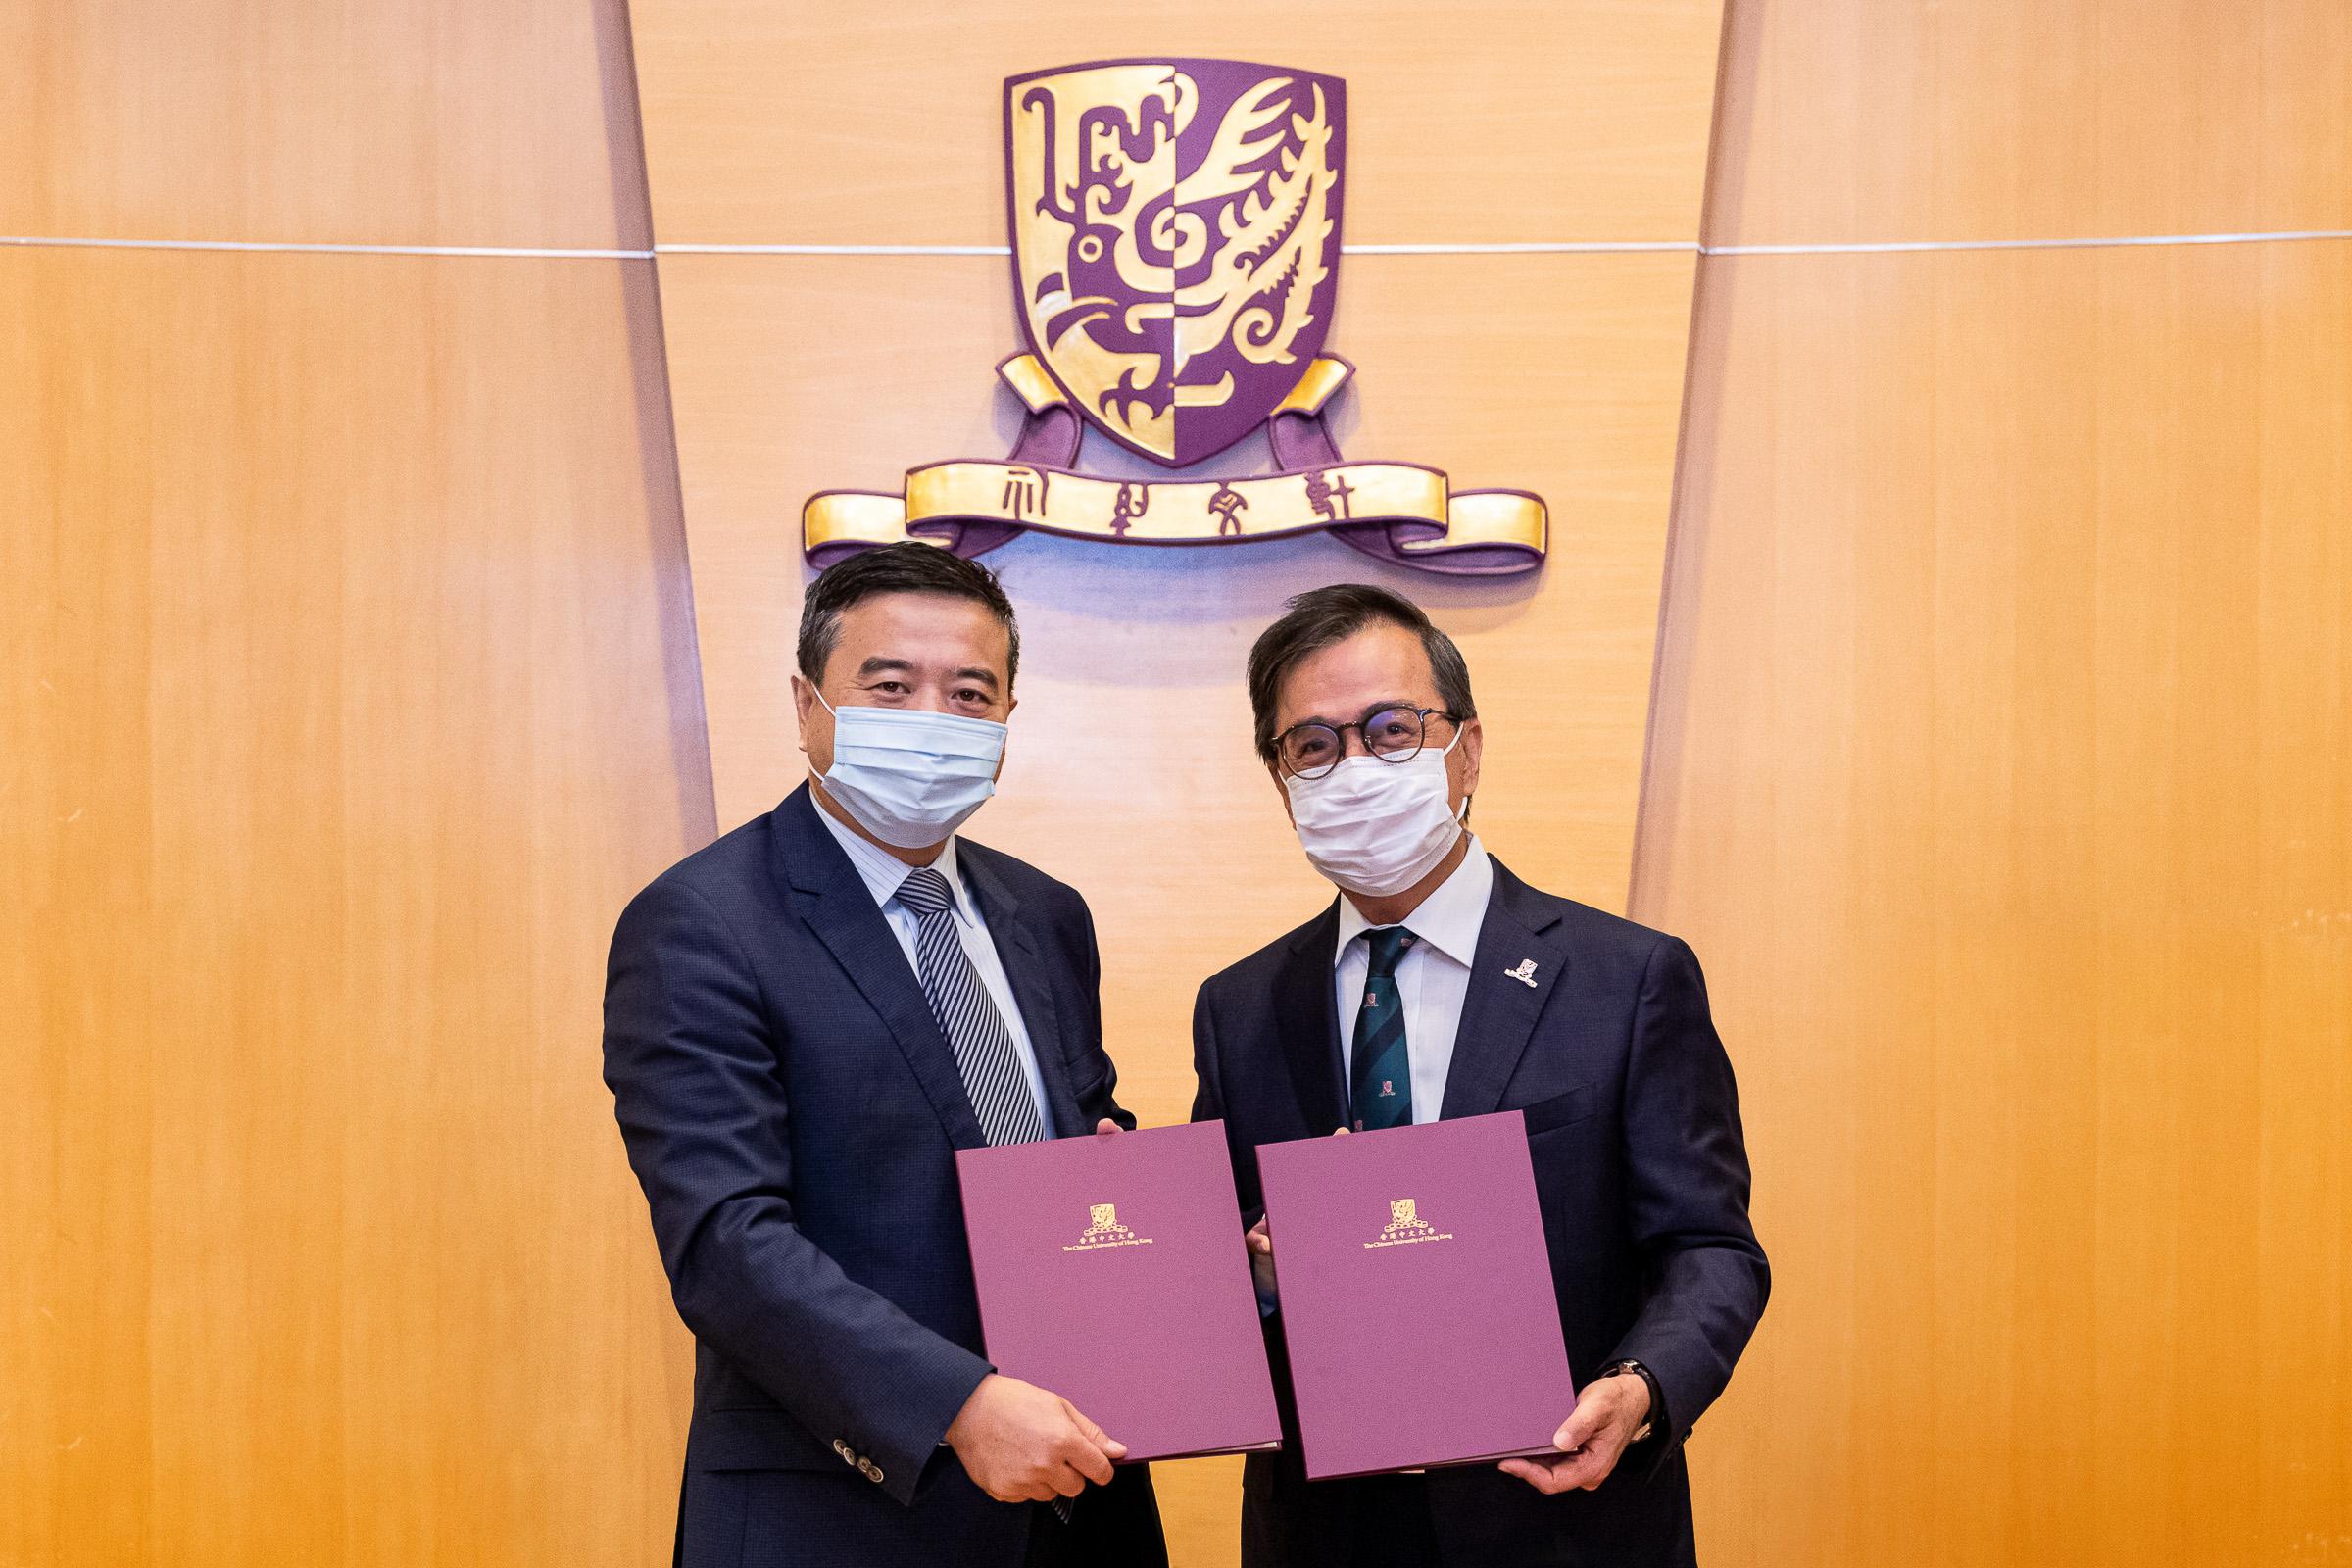 中大與華潤創業簽合作框架協議 投放2億推動再生醫學